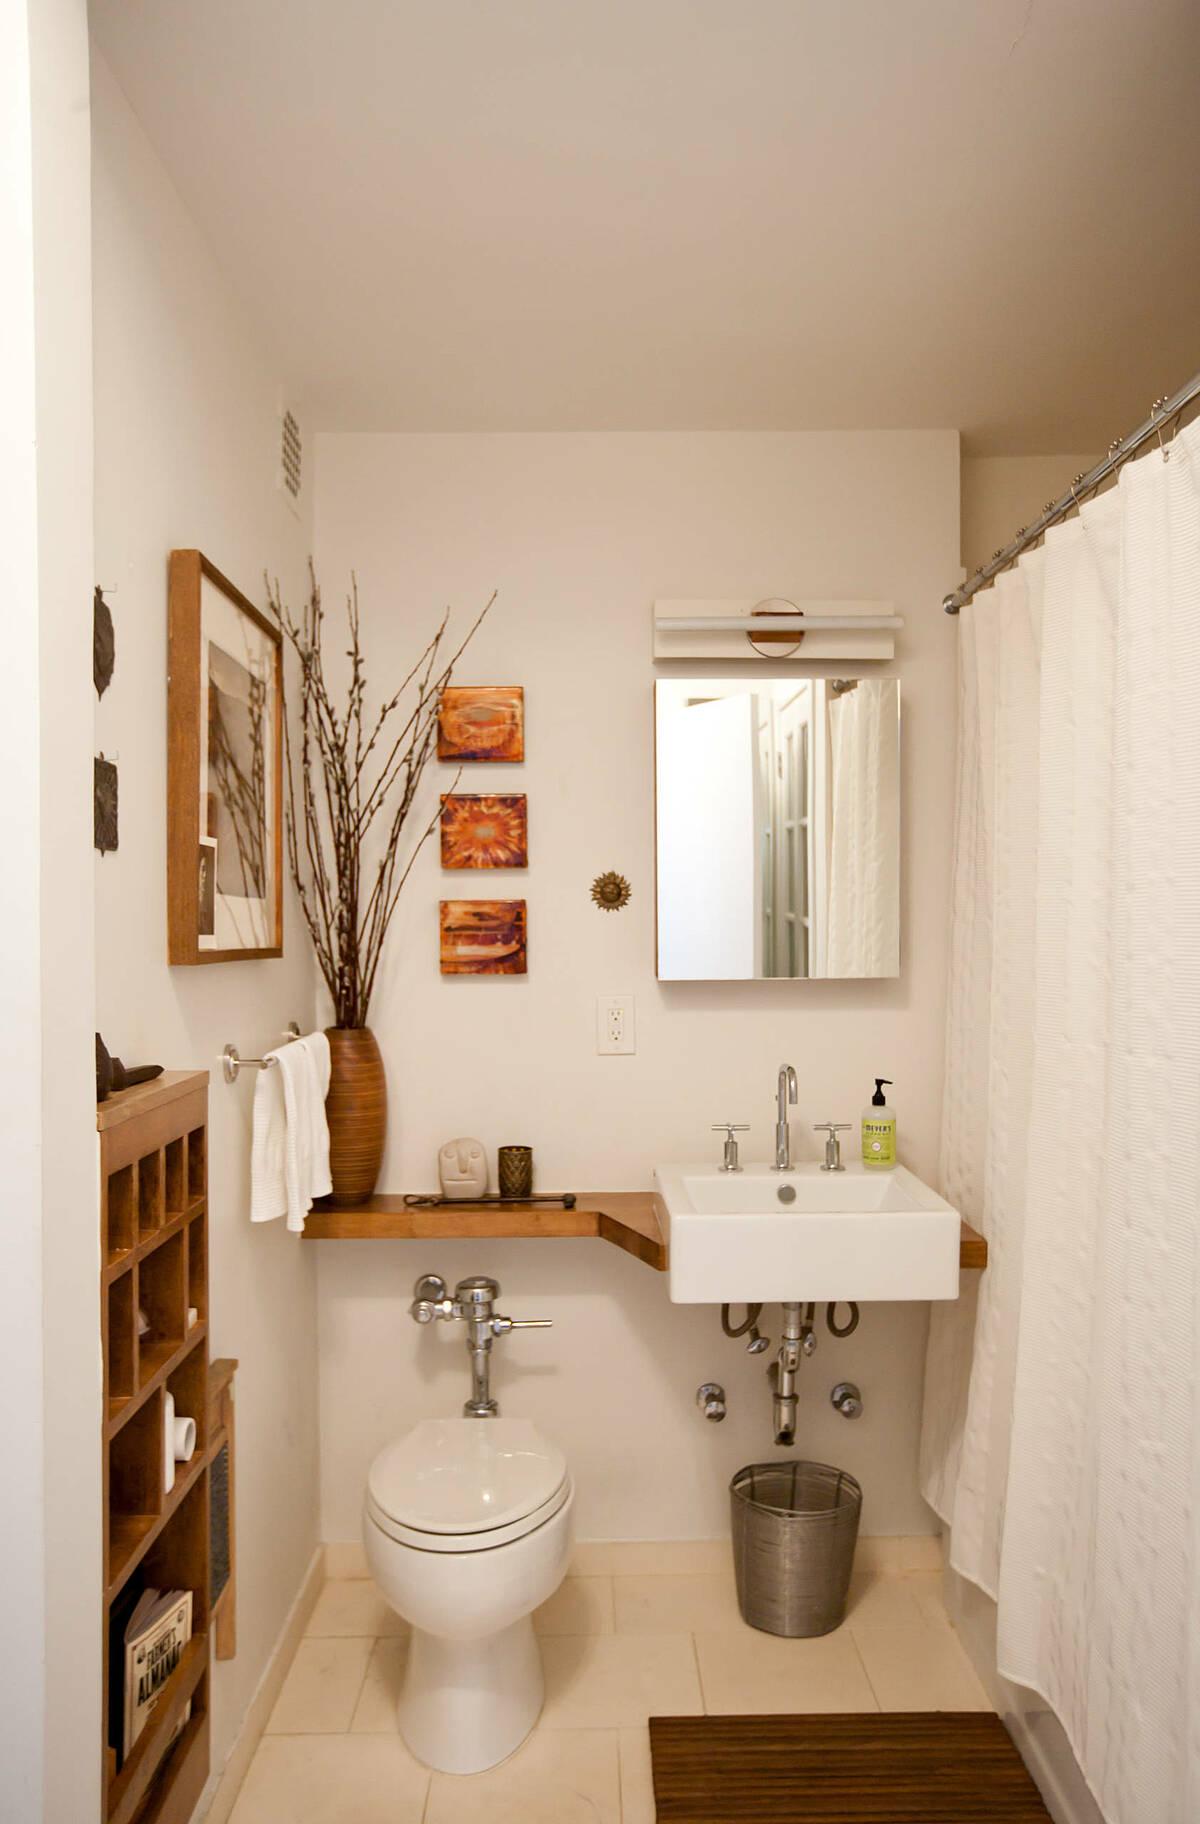 Lắp đặt giá trên bồn vệ sinh: Chiếc giá theo phong cách banjo như thế này có thể sử dụng chất liệu gỗ hoặc đá phiến. Vật dụng này có thể giúp chủ nhà có thêm không gian để đặt một số đồ dùng cần thiết mà không tốn diện tích sàn phòng.